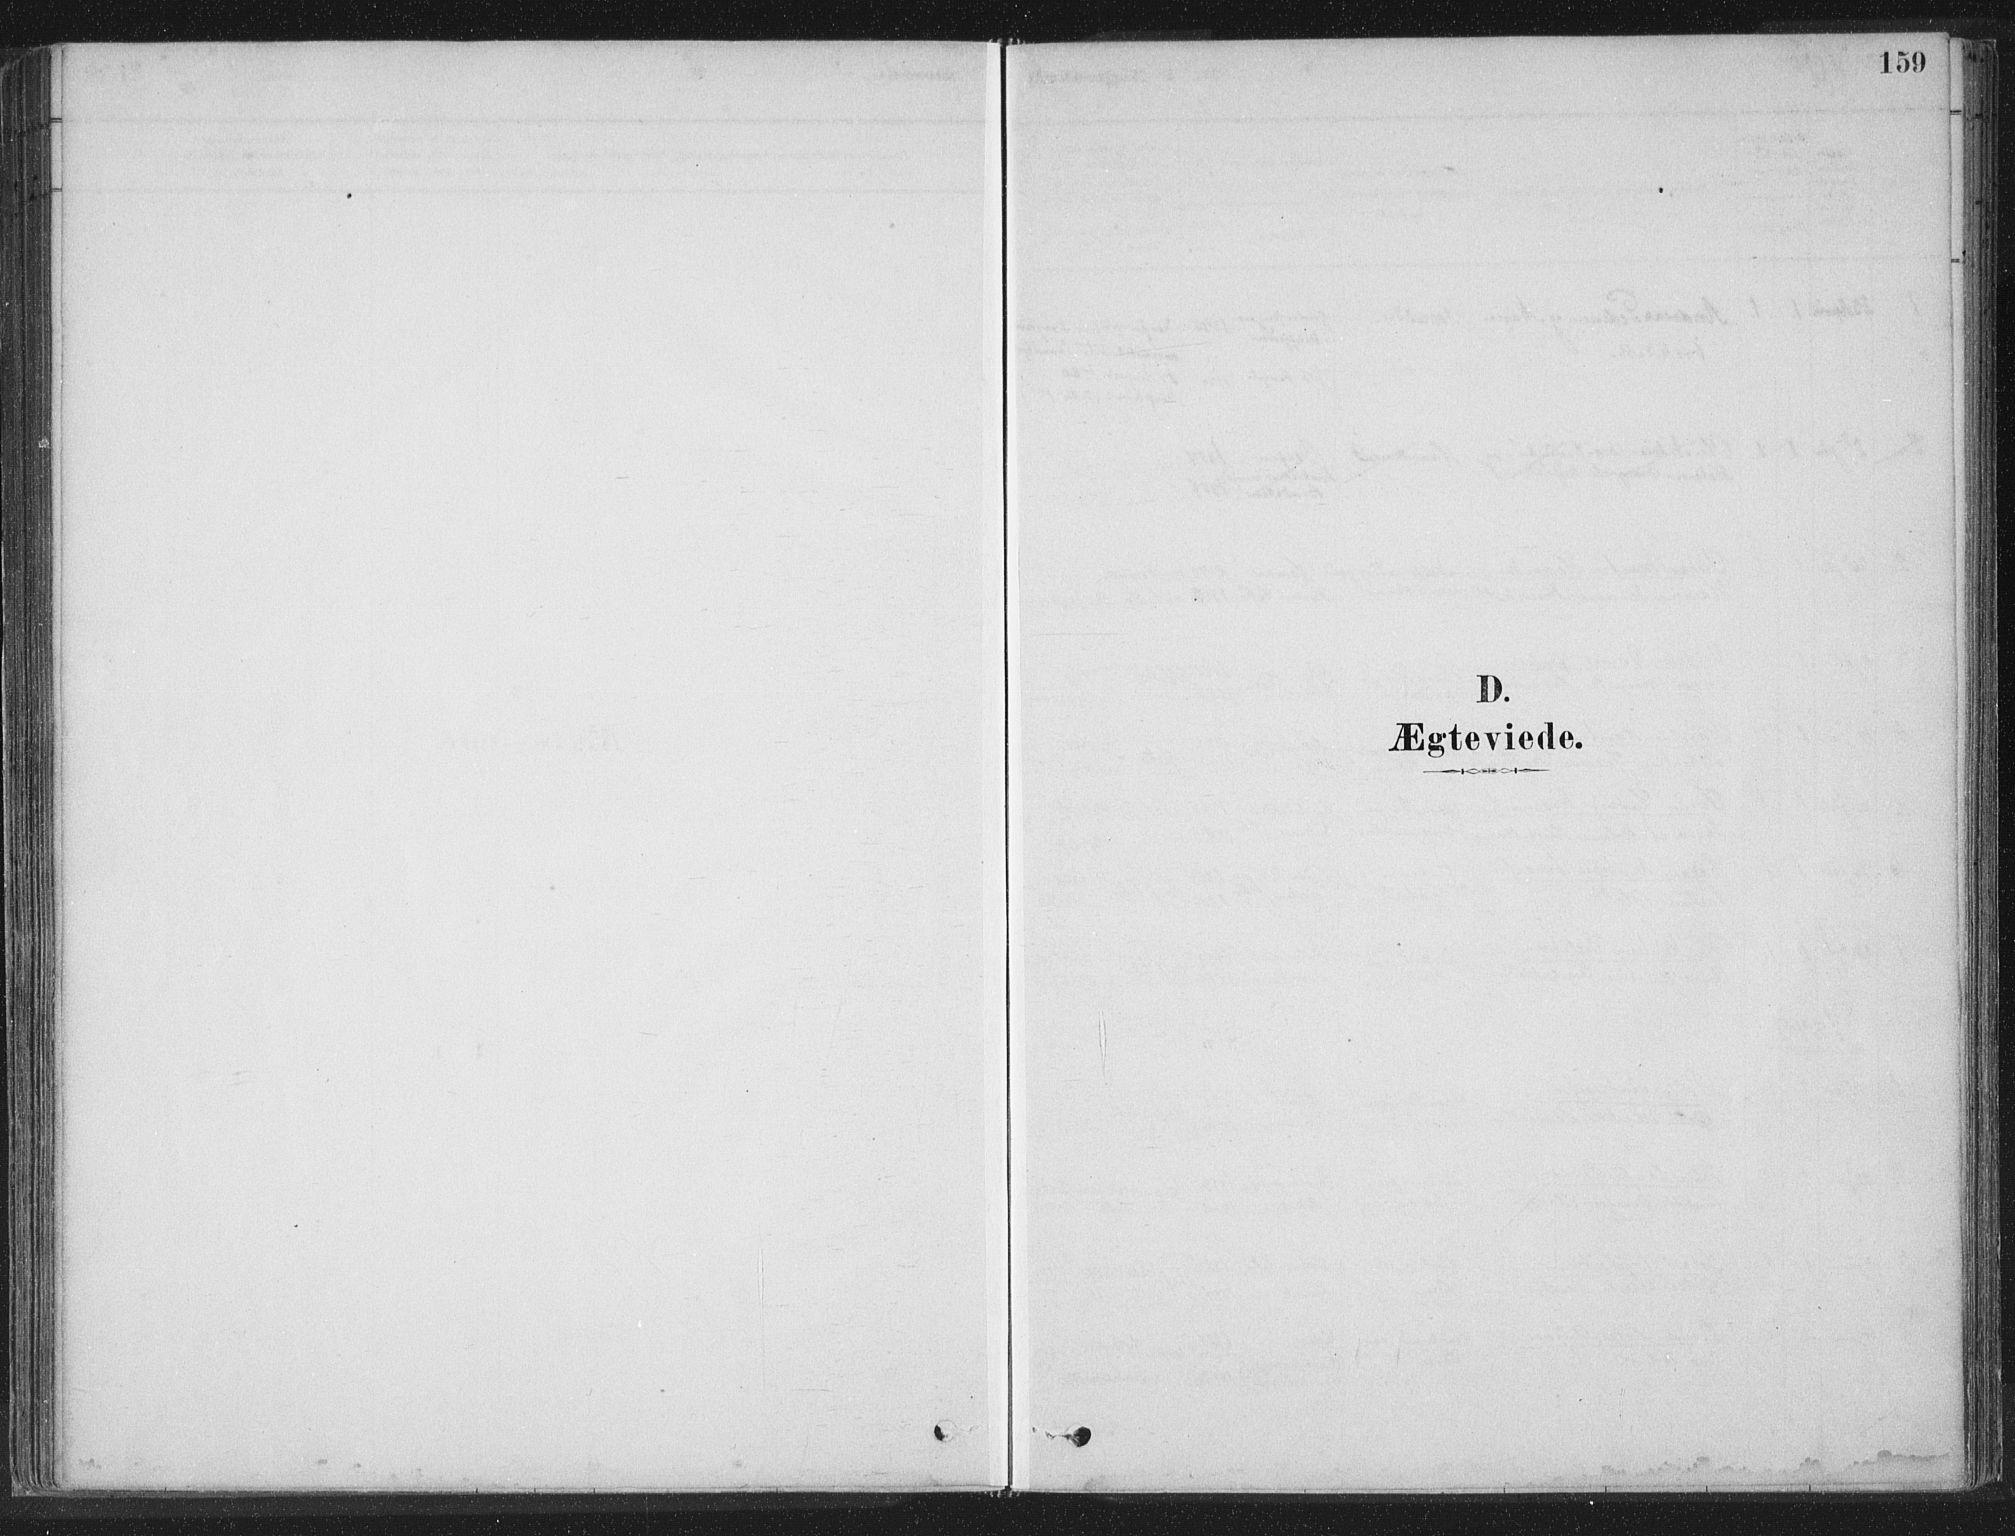 SAT, Ministerialprotokoller, klokkerbøker og fødselsregistre - Nord-Trøndelag, 788/L0697: Ministerialbok nr. 788A04, 1878-1902, s. 159